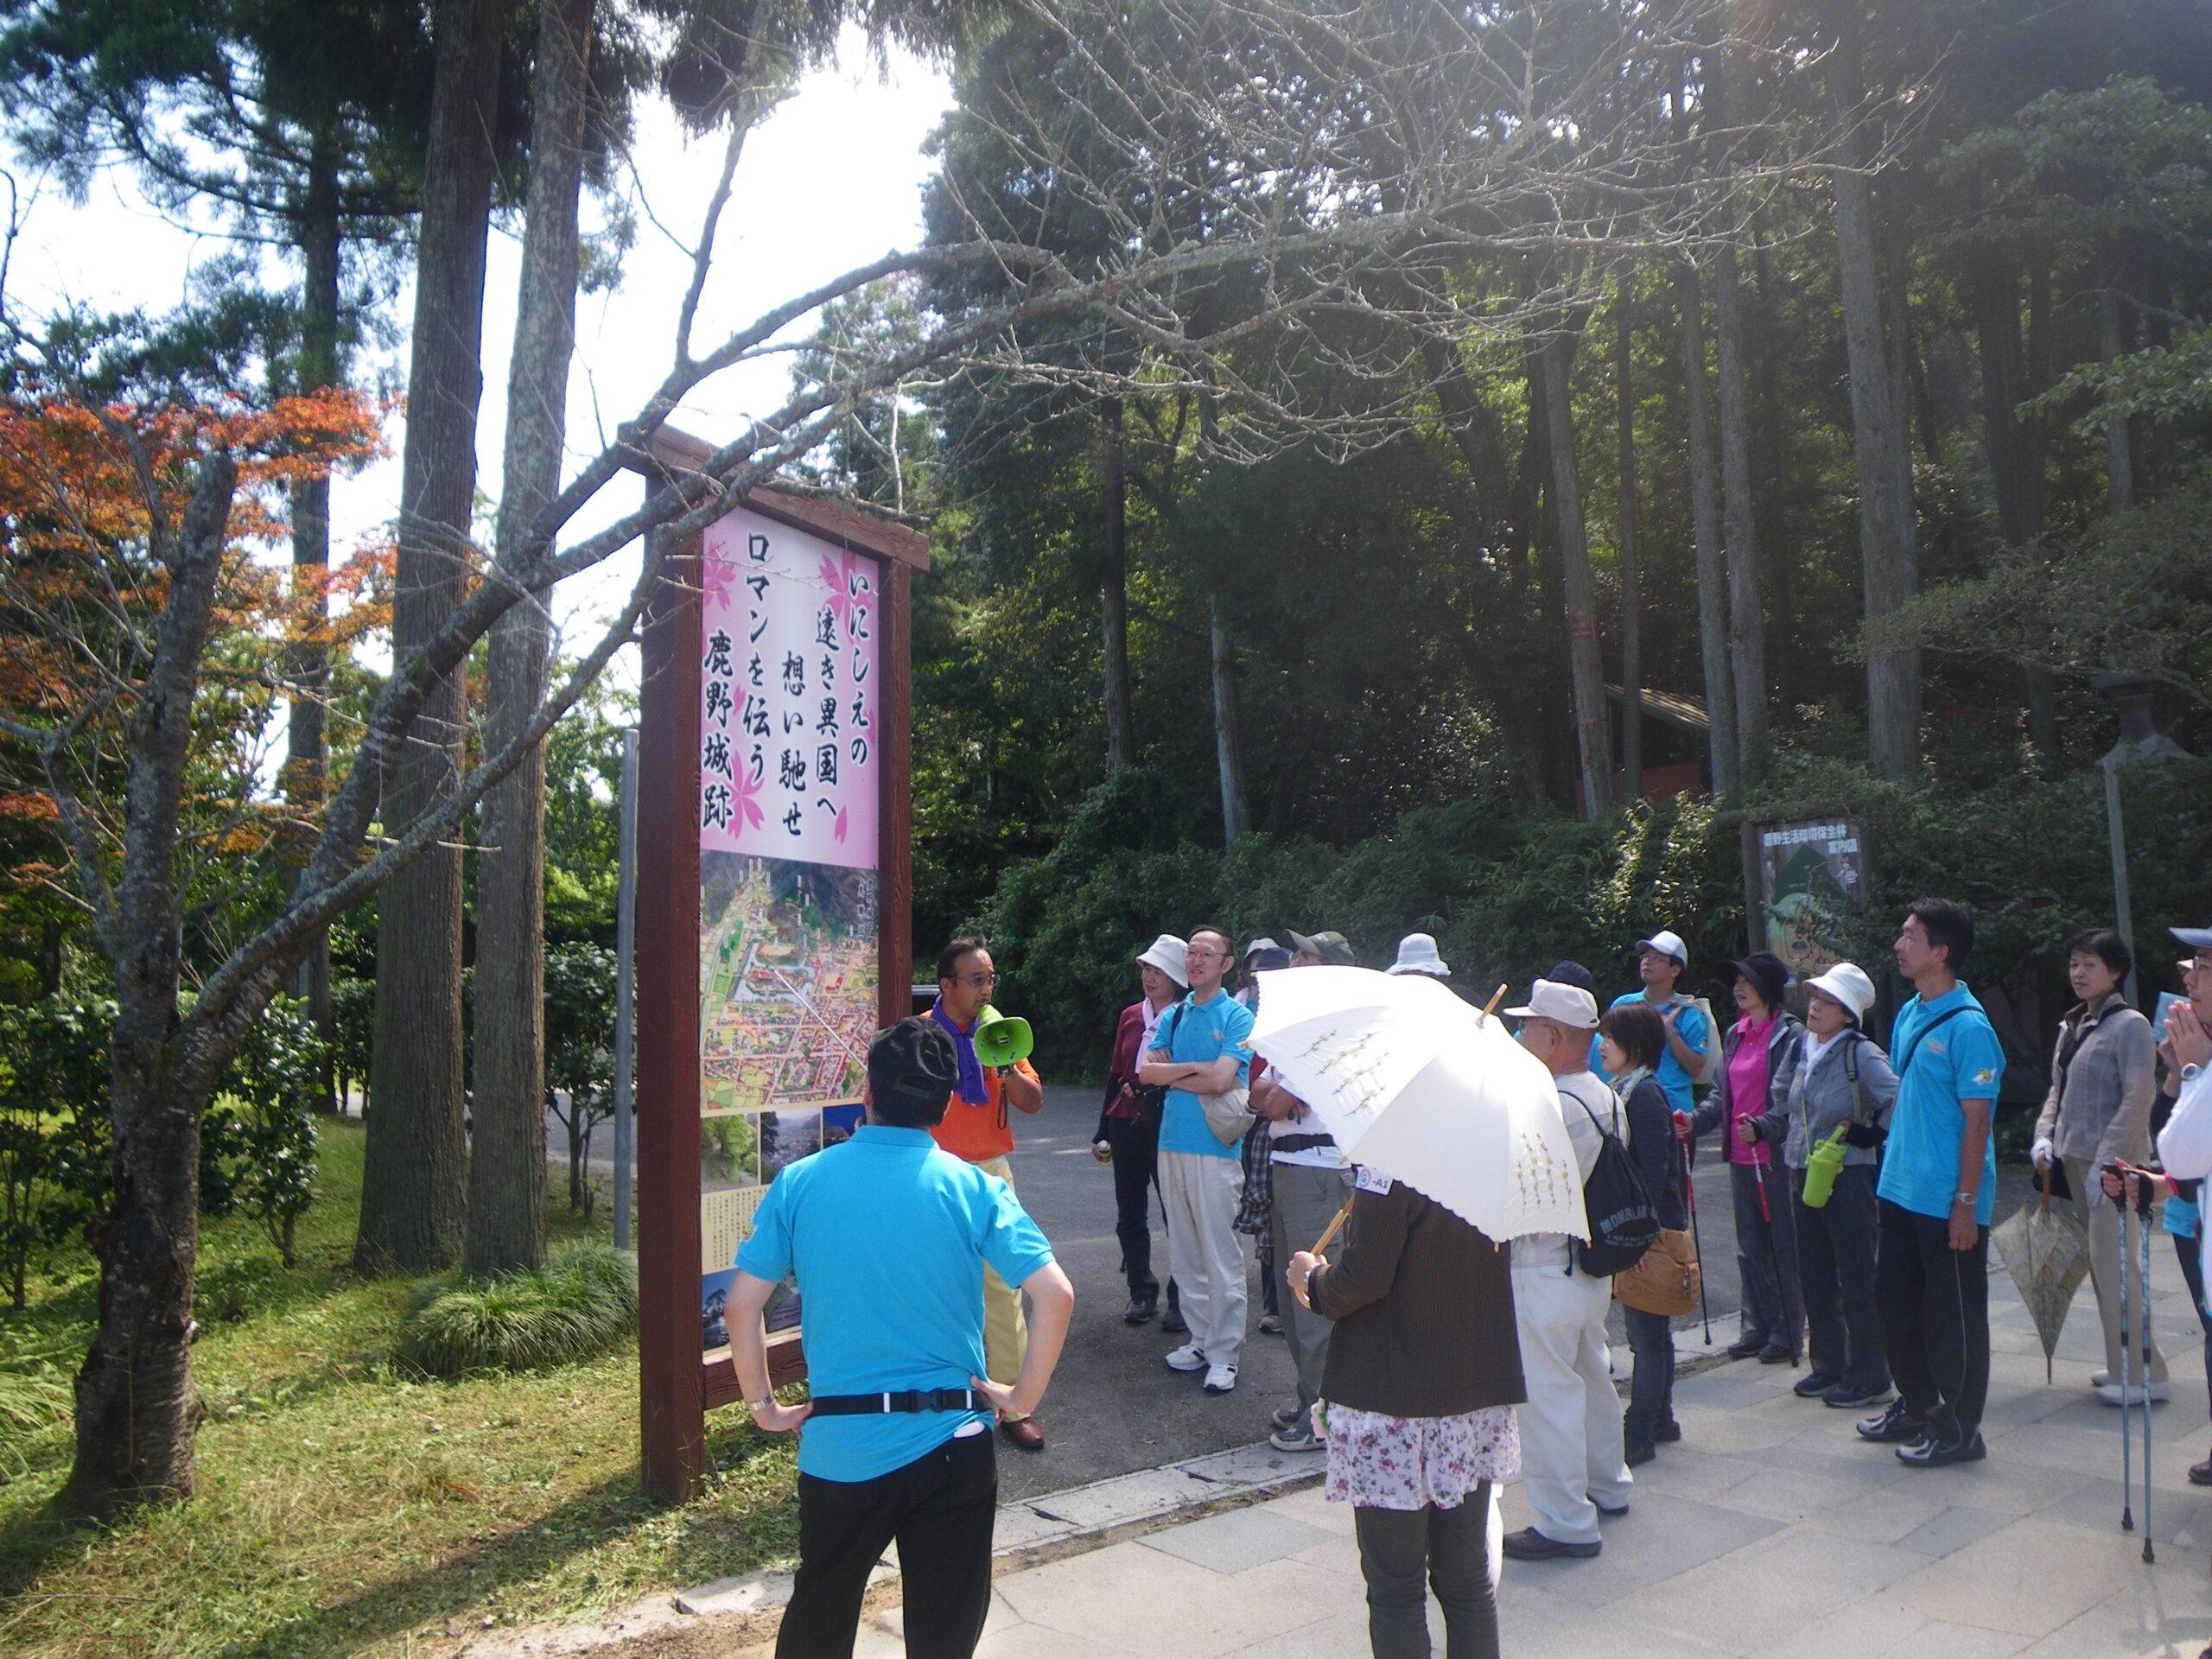 鳥取市鹿野往来交流館「ぷらっとしかのガイドの会」